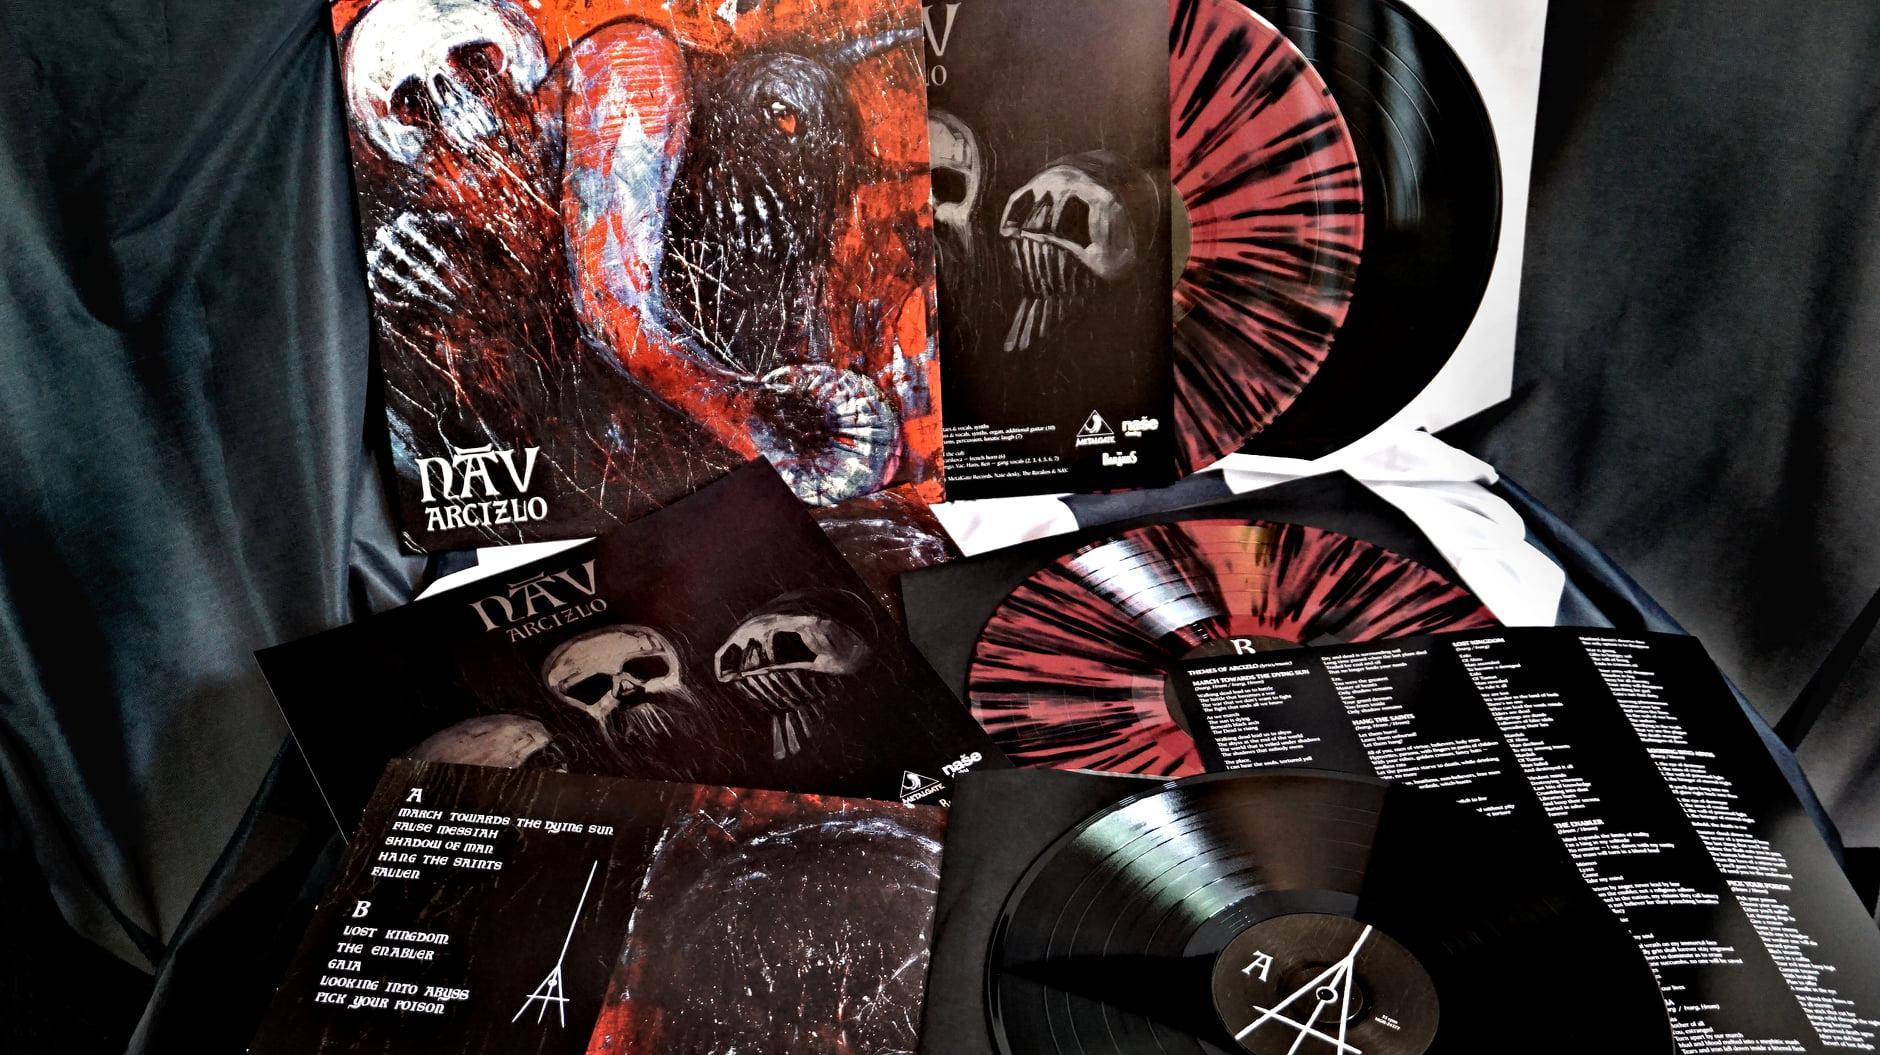 Náv vinyl